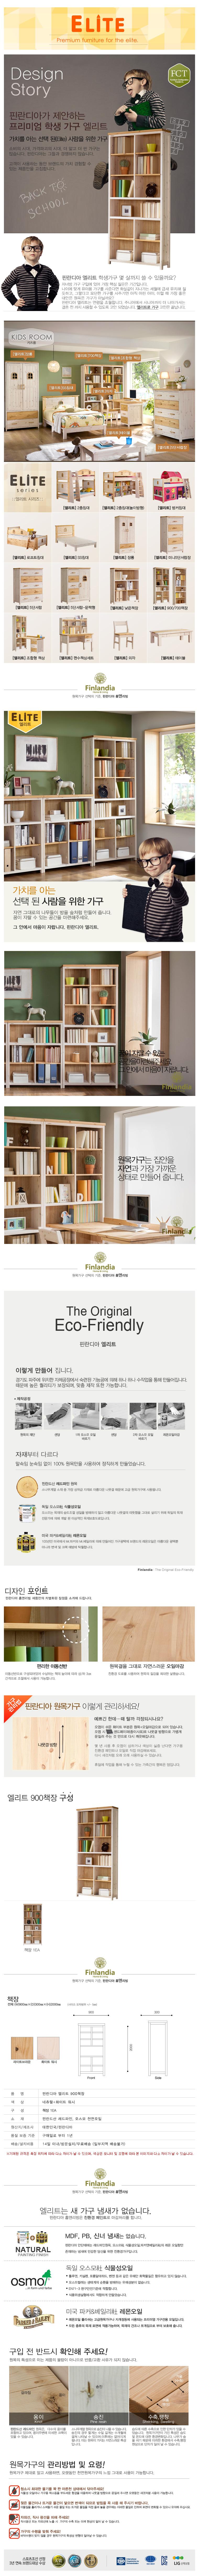 bookshelf900.jpg